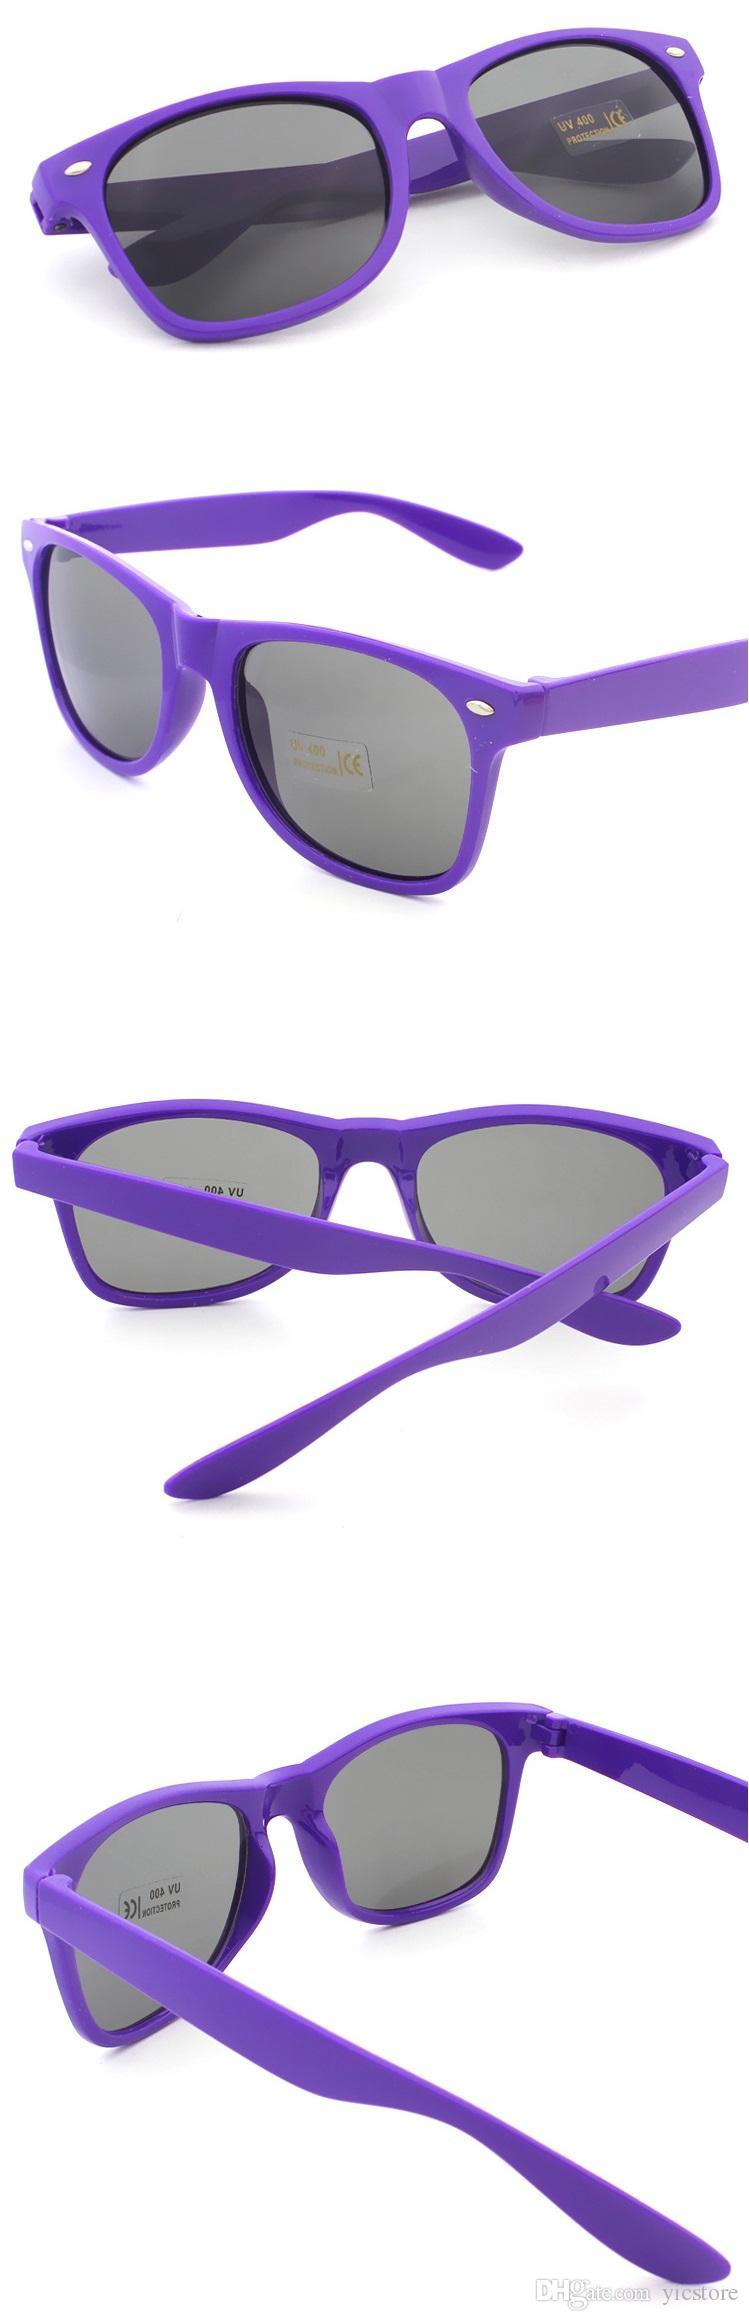 Kadın ve Erkek En Ucuz Modern Plaj Sunglass Plastik Klasik Tarzı Güneş Gözlüğü UV400 Sıcak ücretsiz kargo